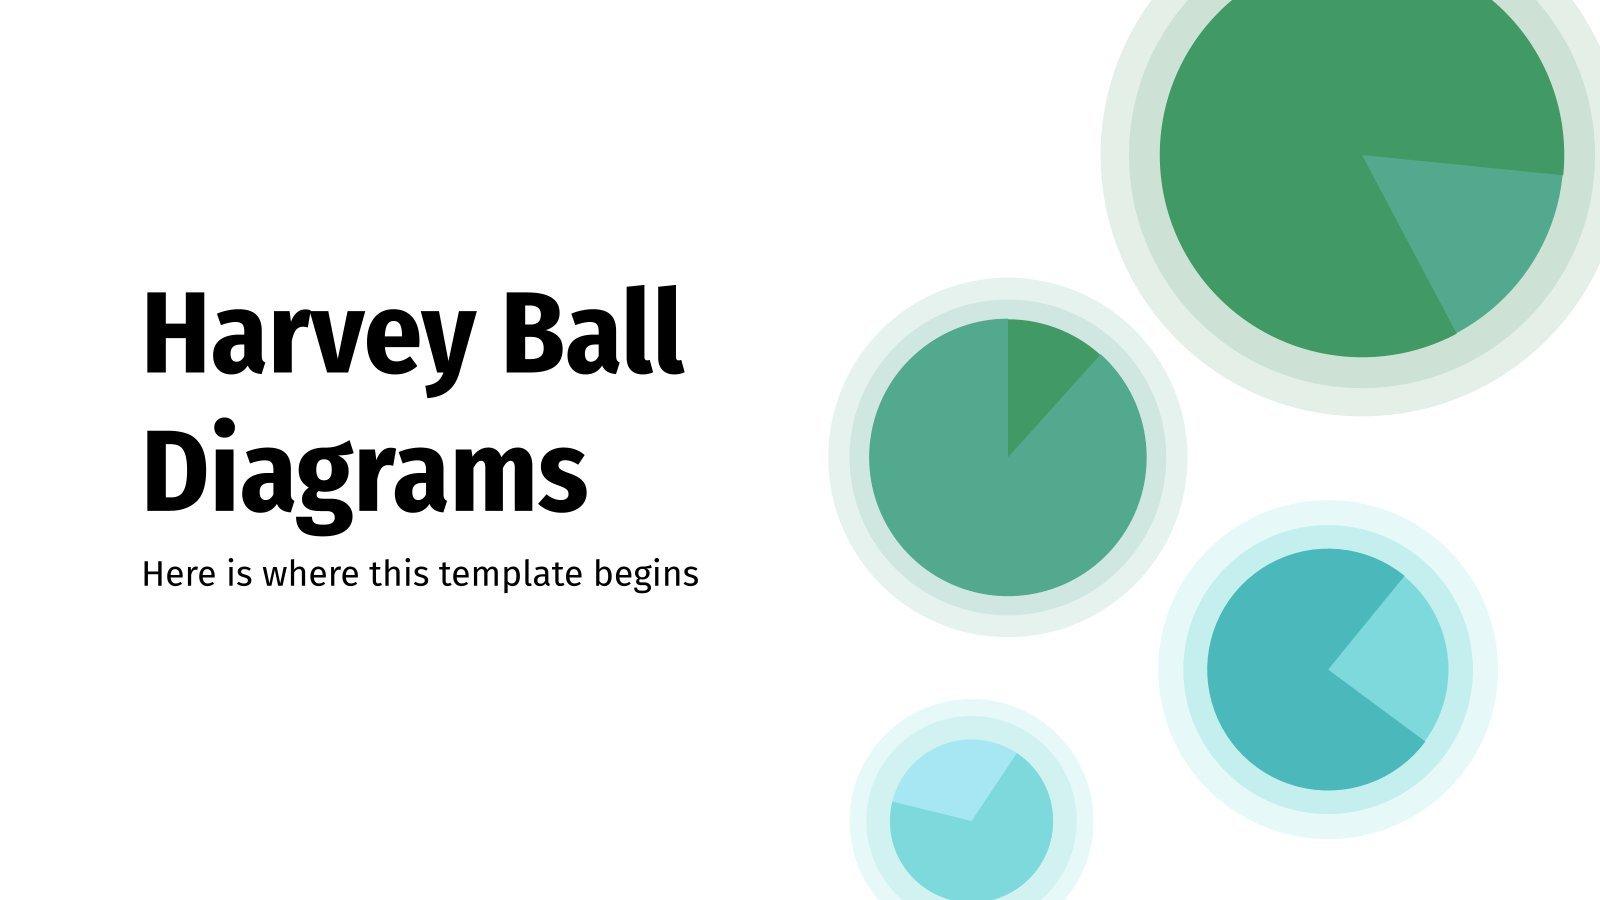 Plantilla de presentación Diagramas tipo Harvey ball